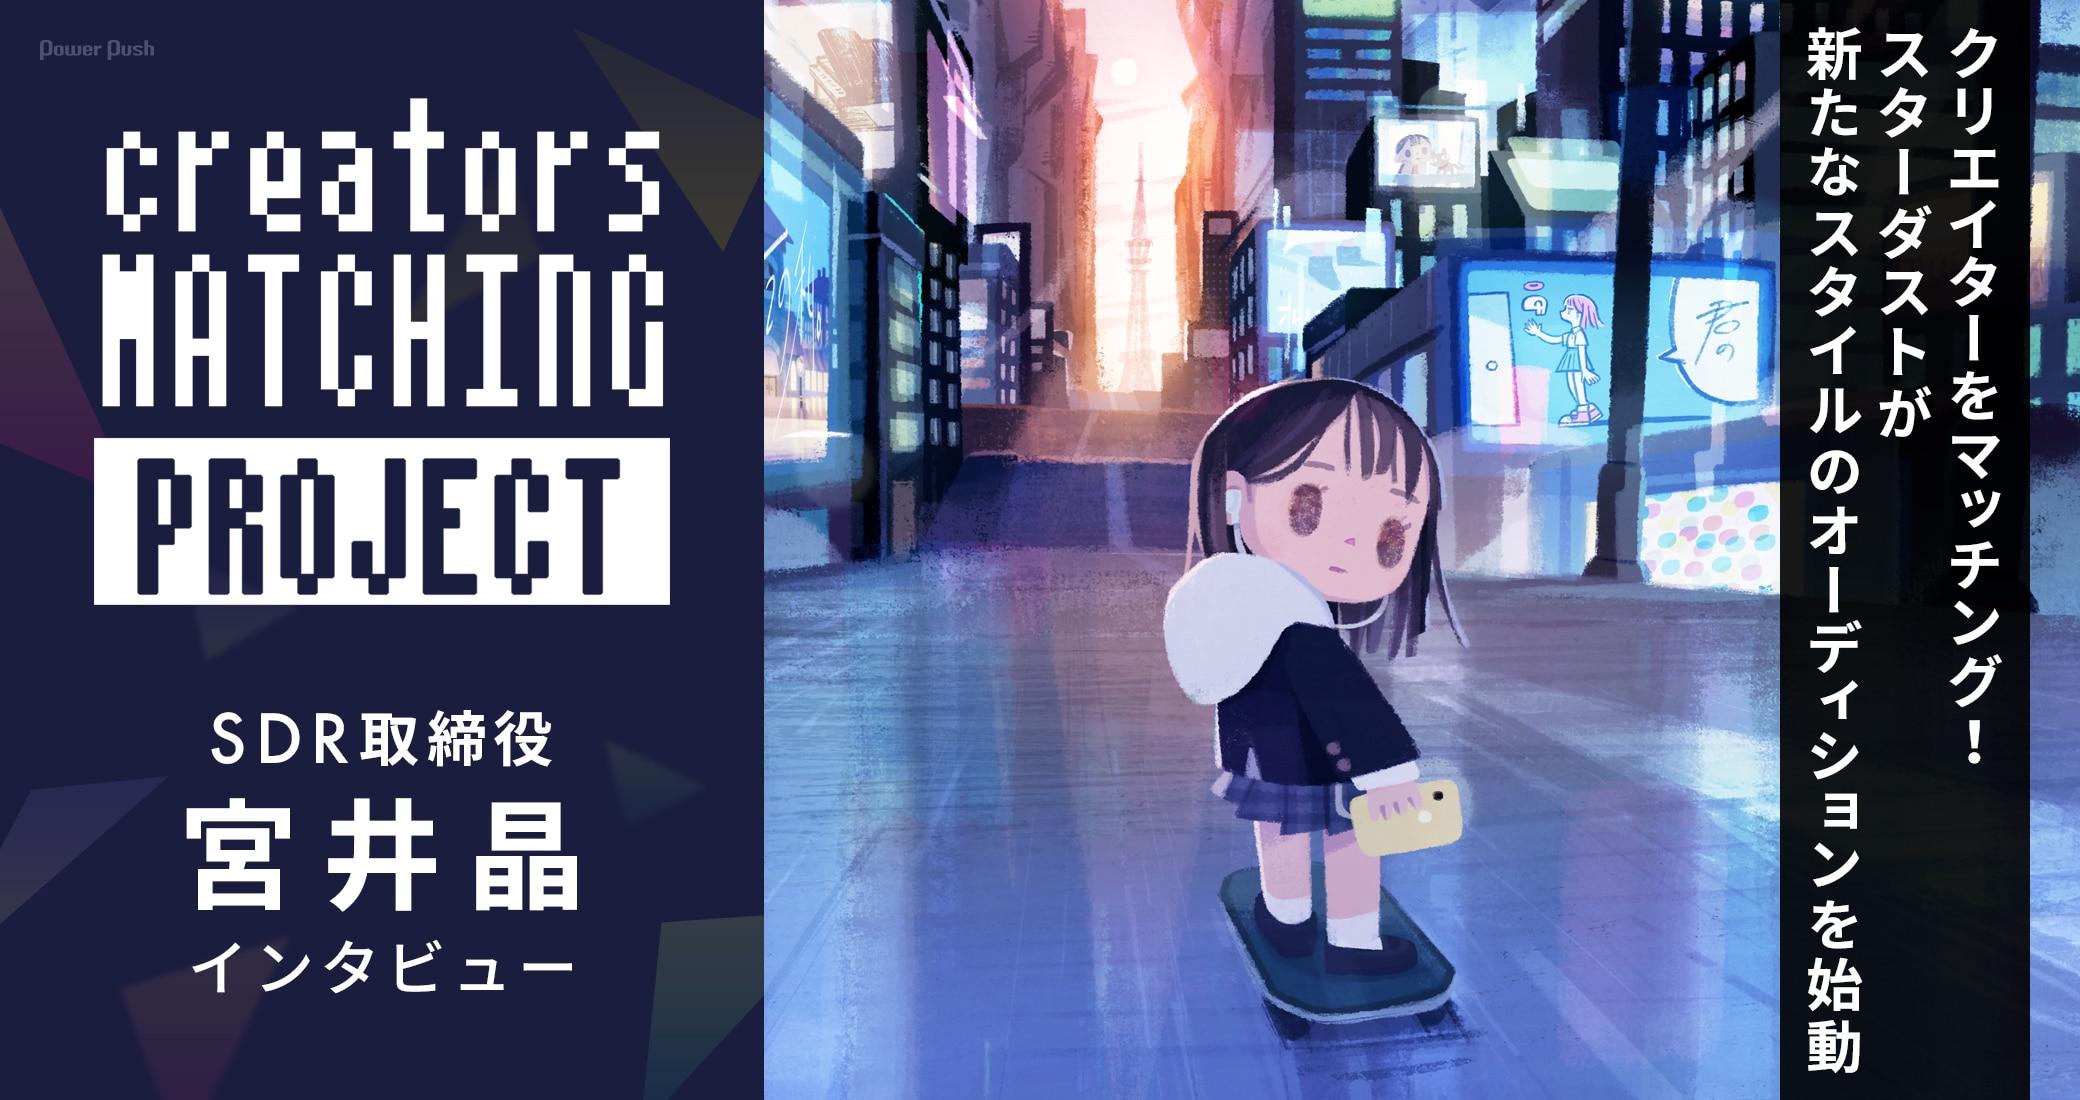 「クリエイターズマッチングプロジェクト」SDR取締役・宮井晶インタビュー|クリエイターをマッチング!スターダストが新たなスタイルのオーディションを始動